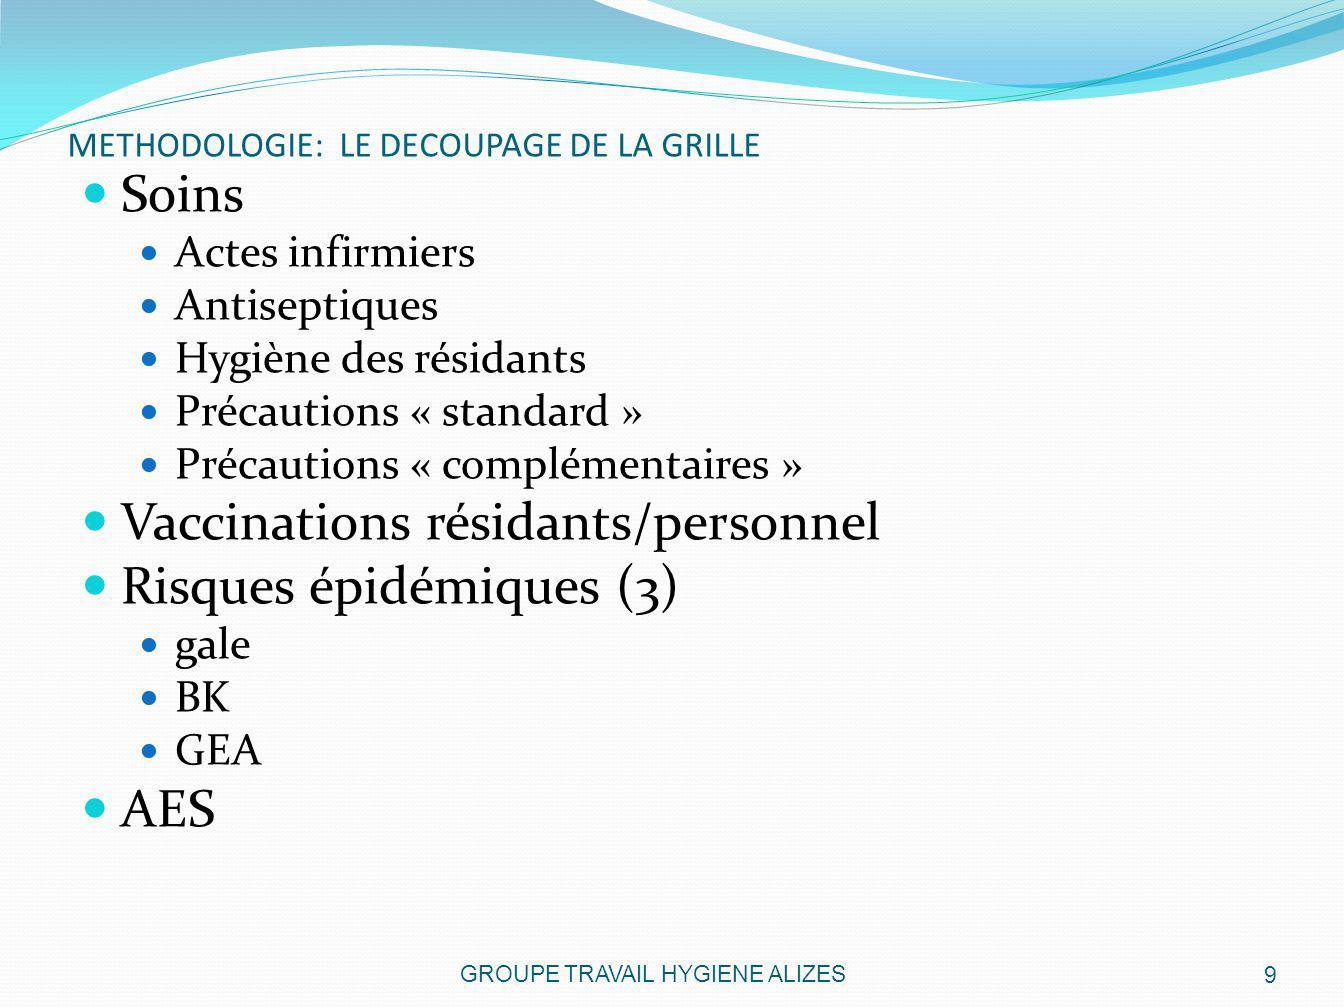 GRILLE CHAPITRE IV GROUPE TRAVAIL HYGIENE ALIZES10 Scan tableau resultats chapitre 5